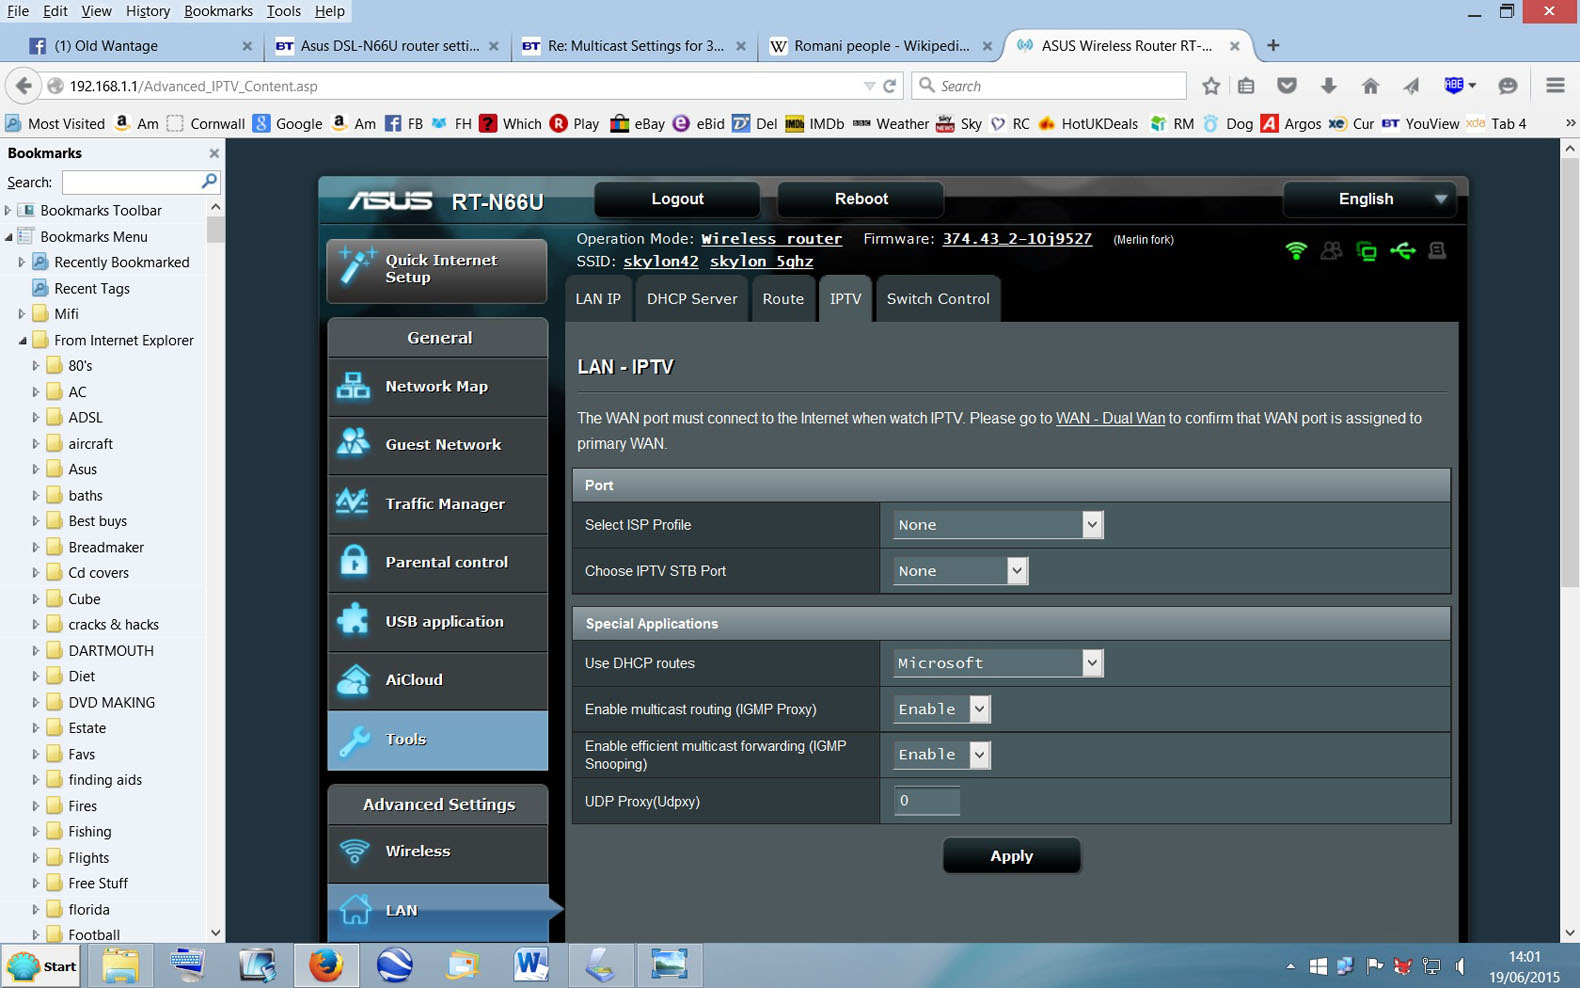 Asus DSL-N66U router settings IPTV - BT Community